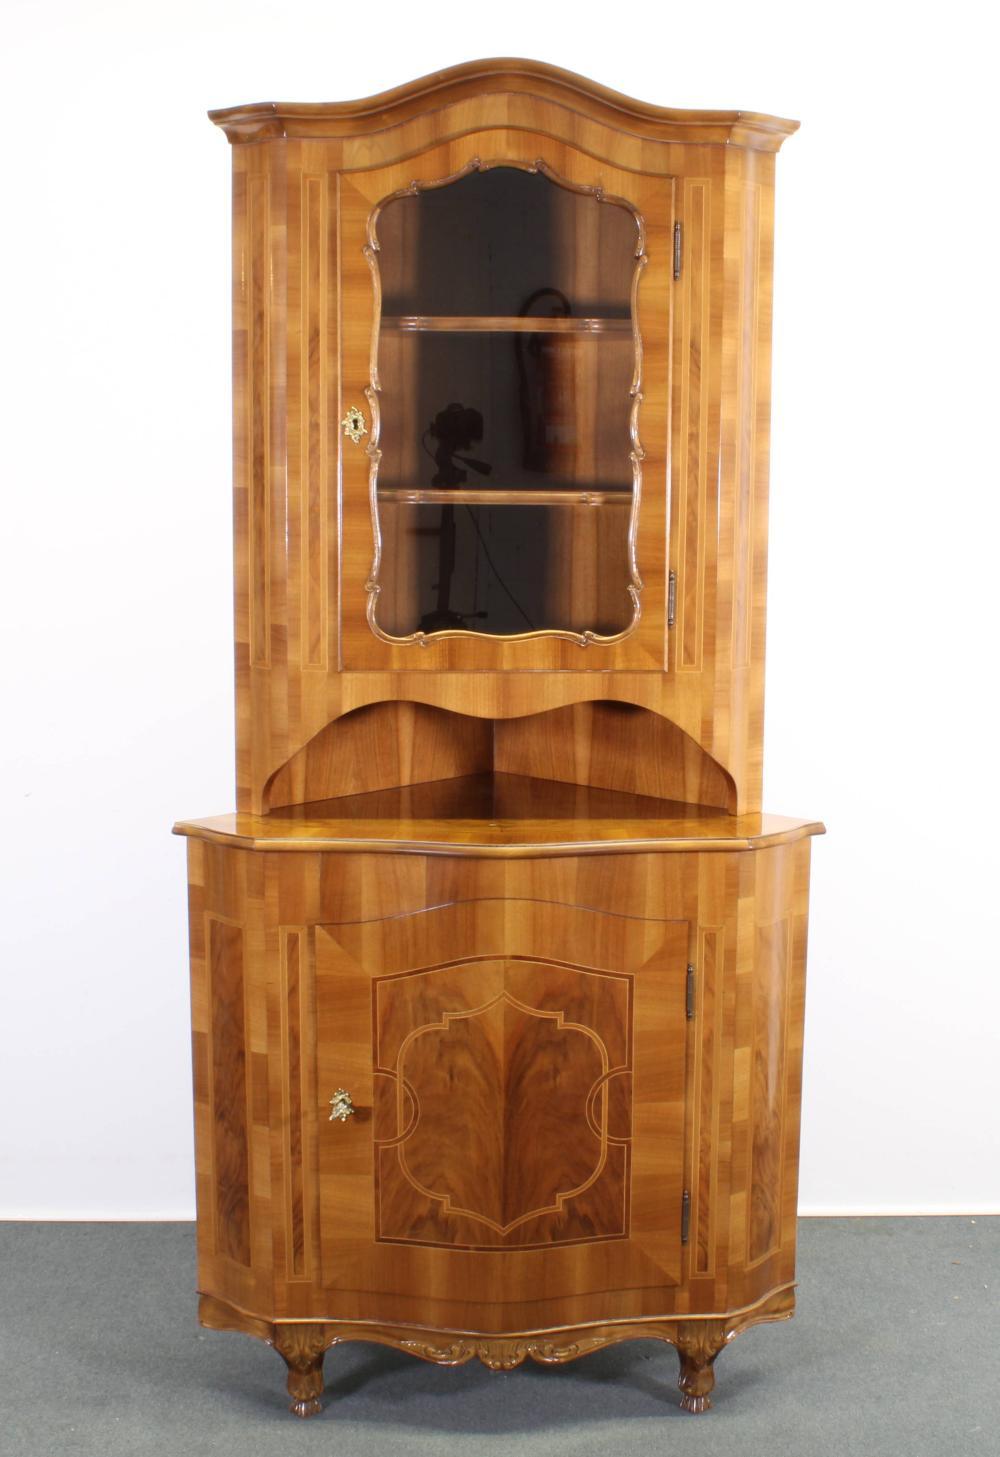 Eckschrank, Barockstil, 20. Jh., Nussbaum und Nussmaser, eintüriges Unterteil, darüber offenes Fach und eintüriges Vitrinenfach mit zwei Böden, 191 x 65 x 65 cm